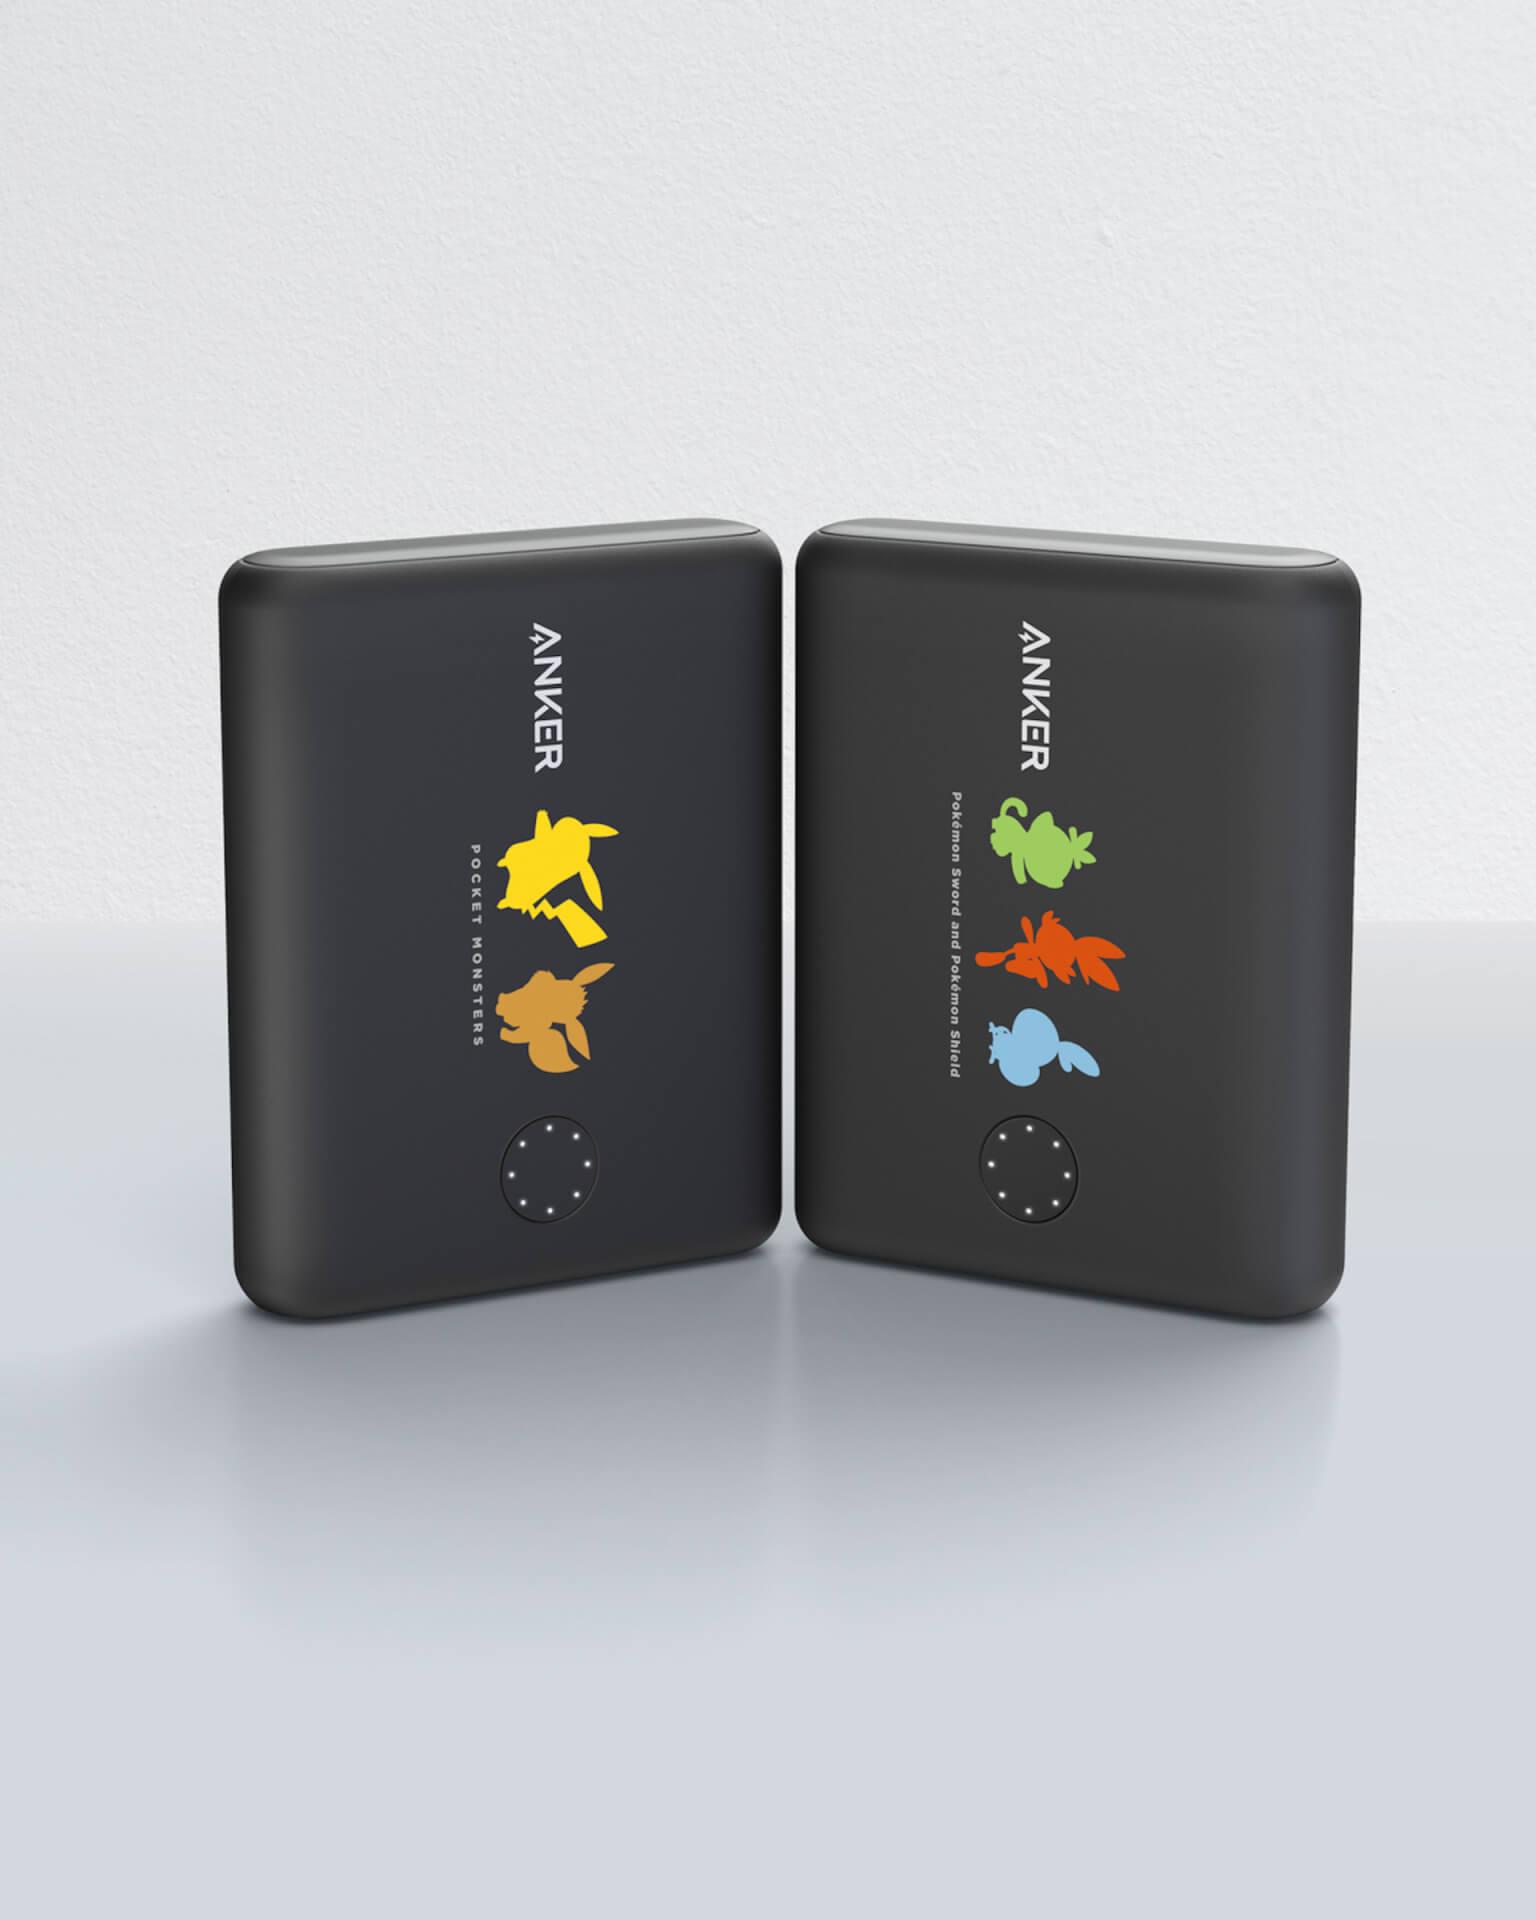 ポケモンがAnker充電器に!Nintendo Switch対応の大容量バッテリー「Anker PowerCore 13400 Pokémon Limited Edition」が登場 tech_191114_ankerxpokemon_1